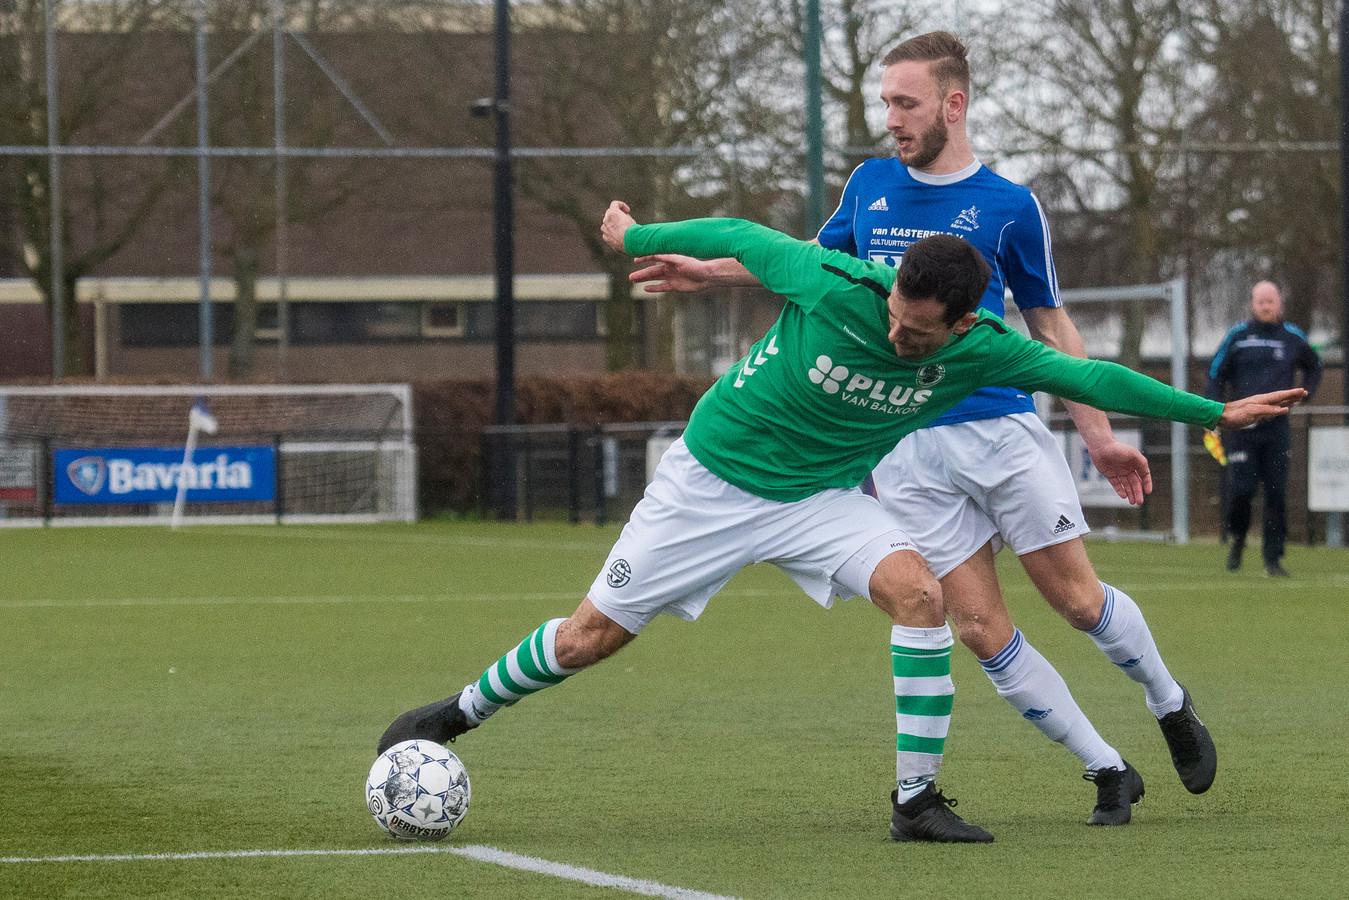 Max van den Akker probeert namens Marvilde de bal te veroveren op een speler van Sparta'25.